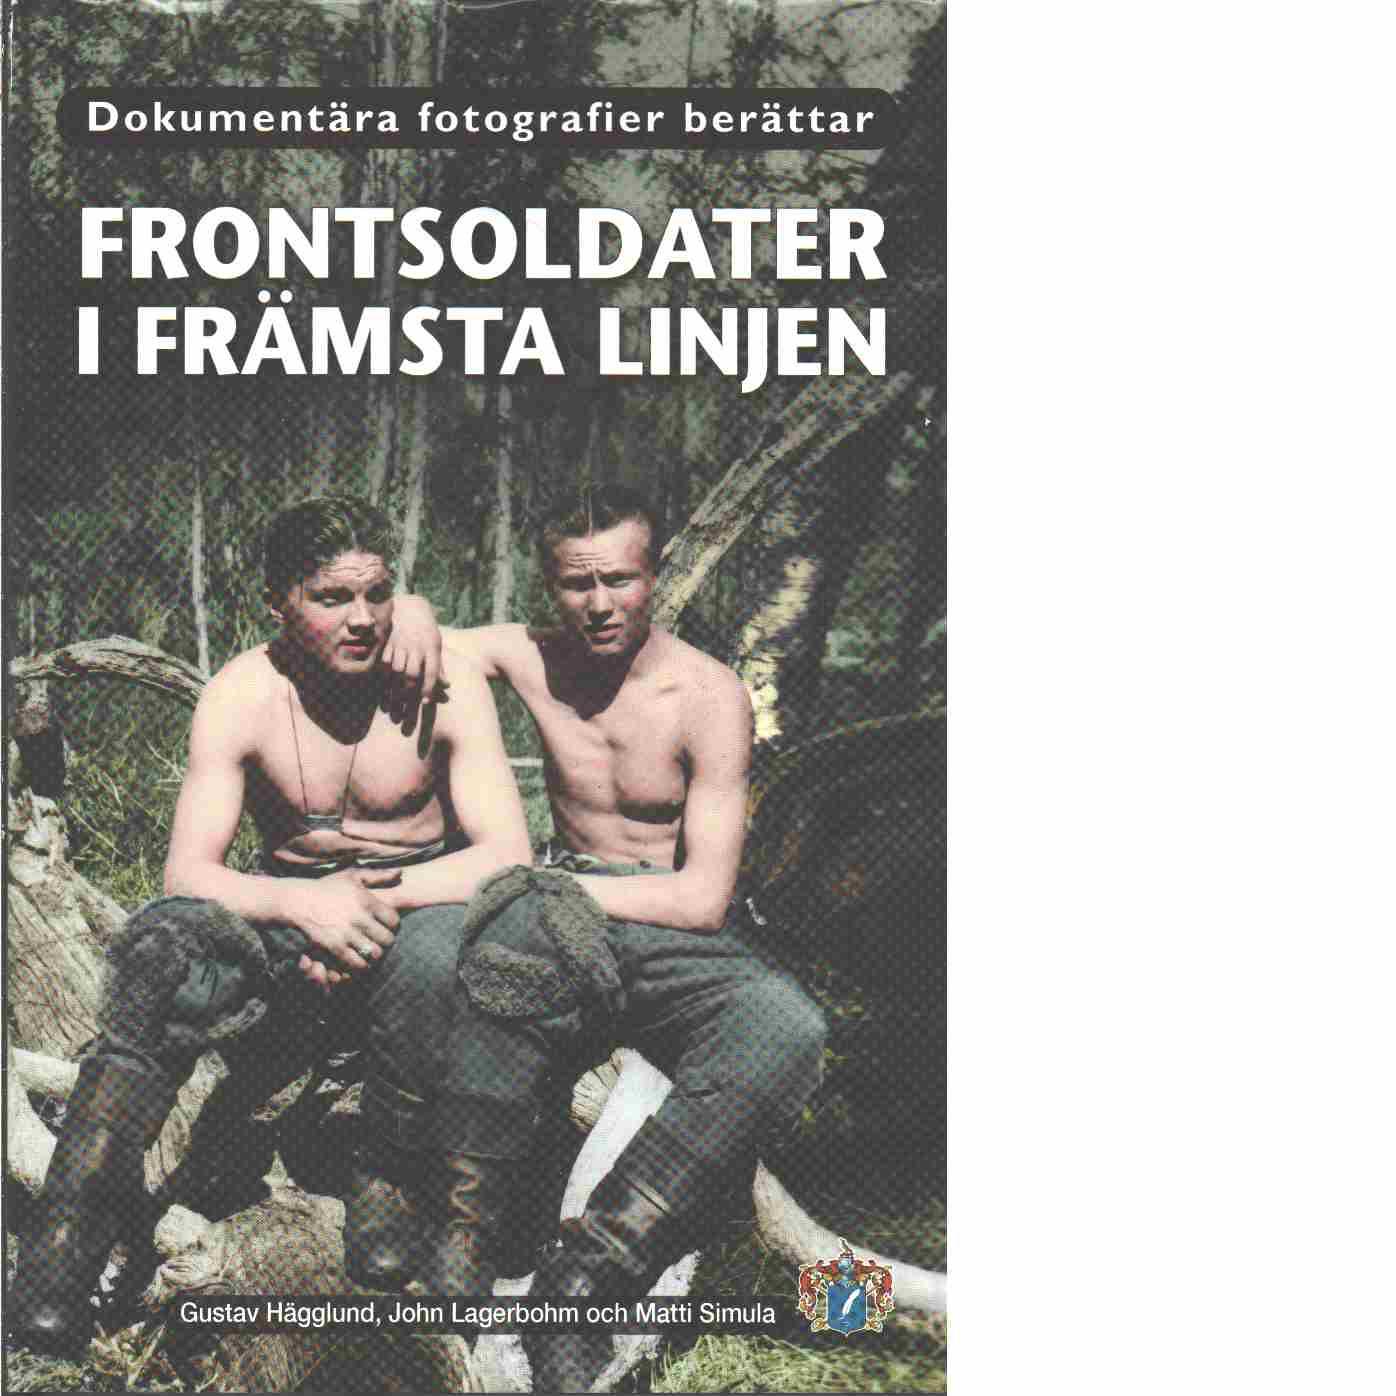 Frontsoldater i främsta linjen : dokumentära fotografier berättar - Hägglund, Gustav och Lagerbohm, John samt Simula, Matti